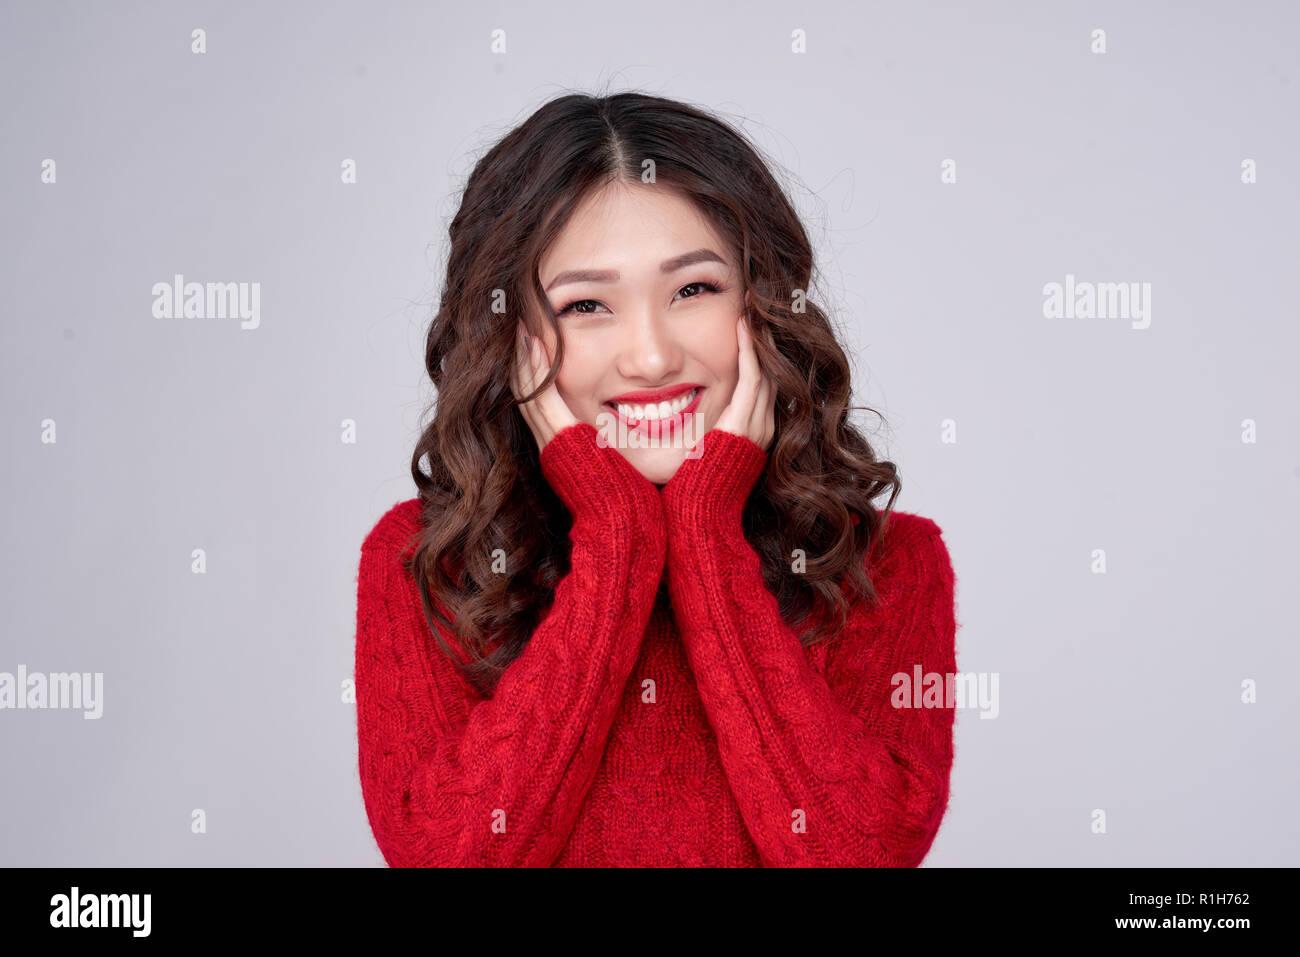 3430d606ca76 Ritratto di bellezza inverno ragazza asiatica in maglia rosso vestito di  lana. Vacanze di Natale